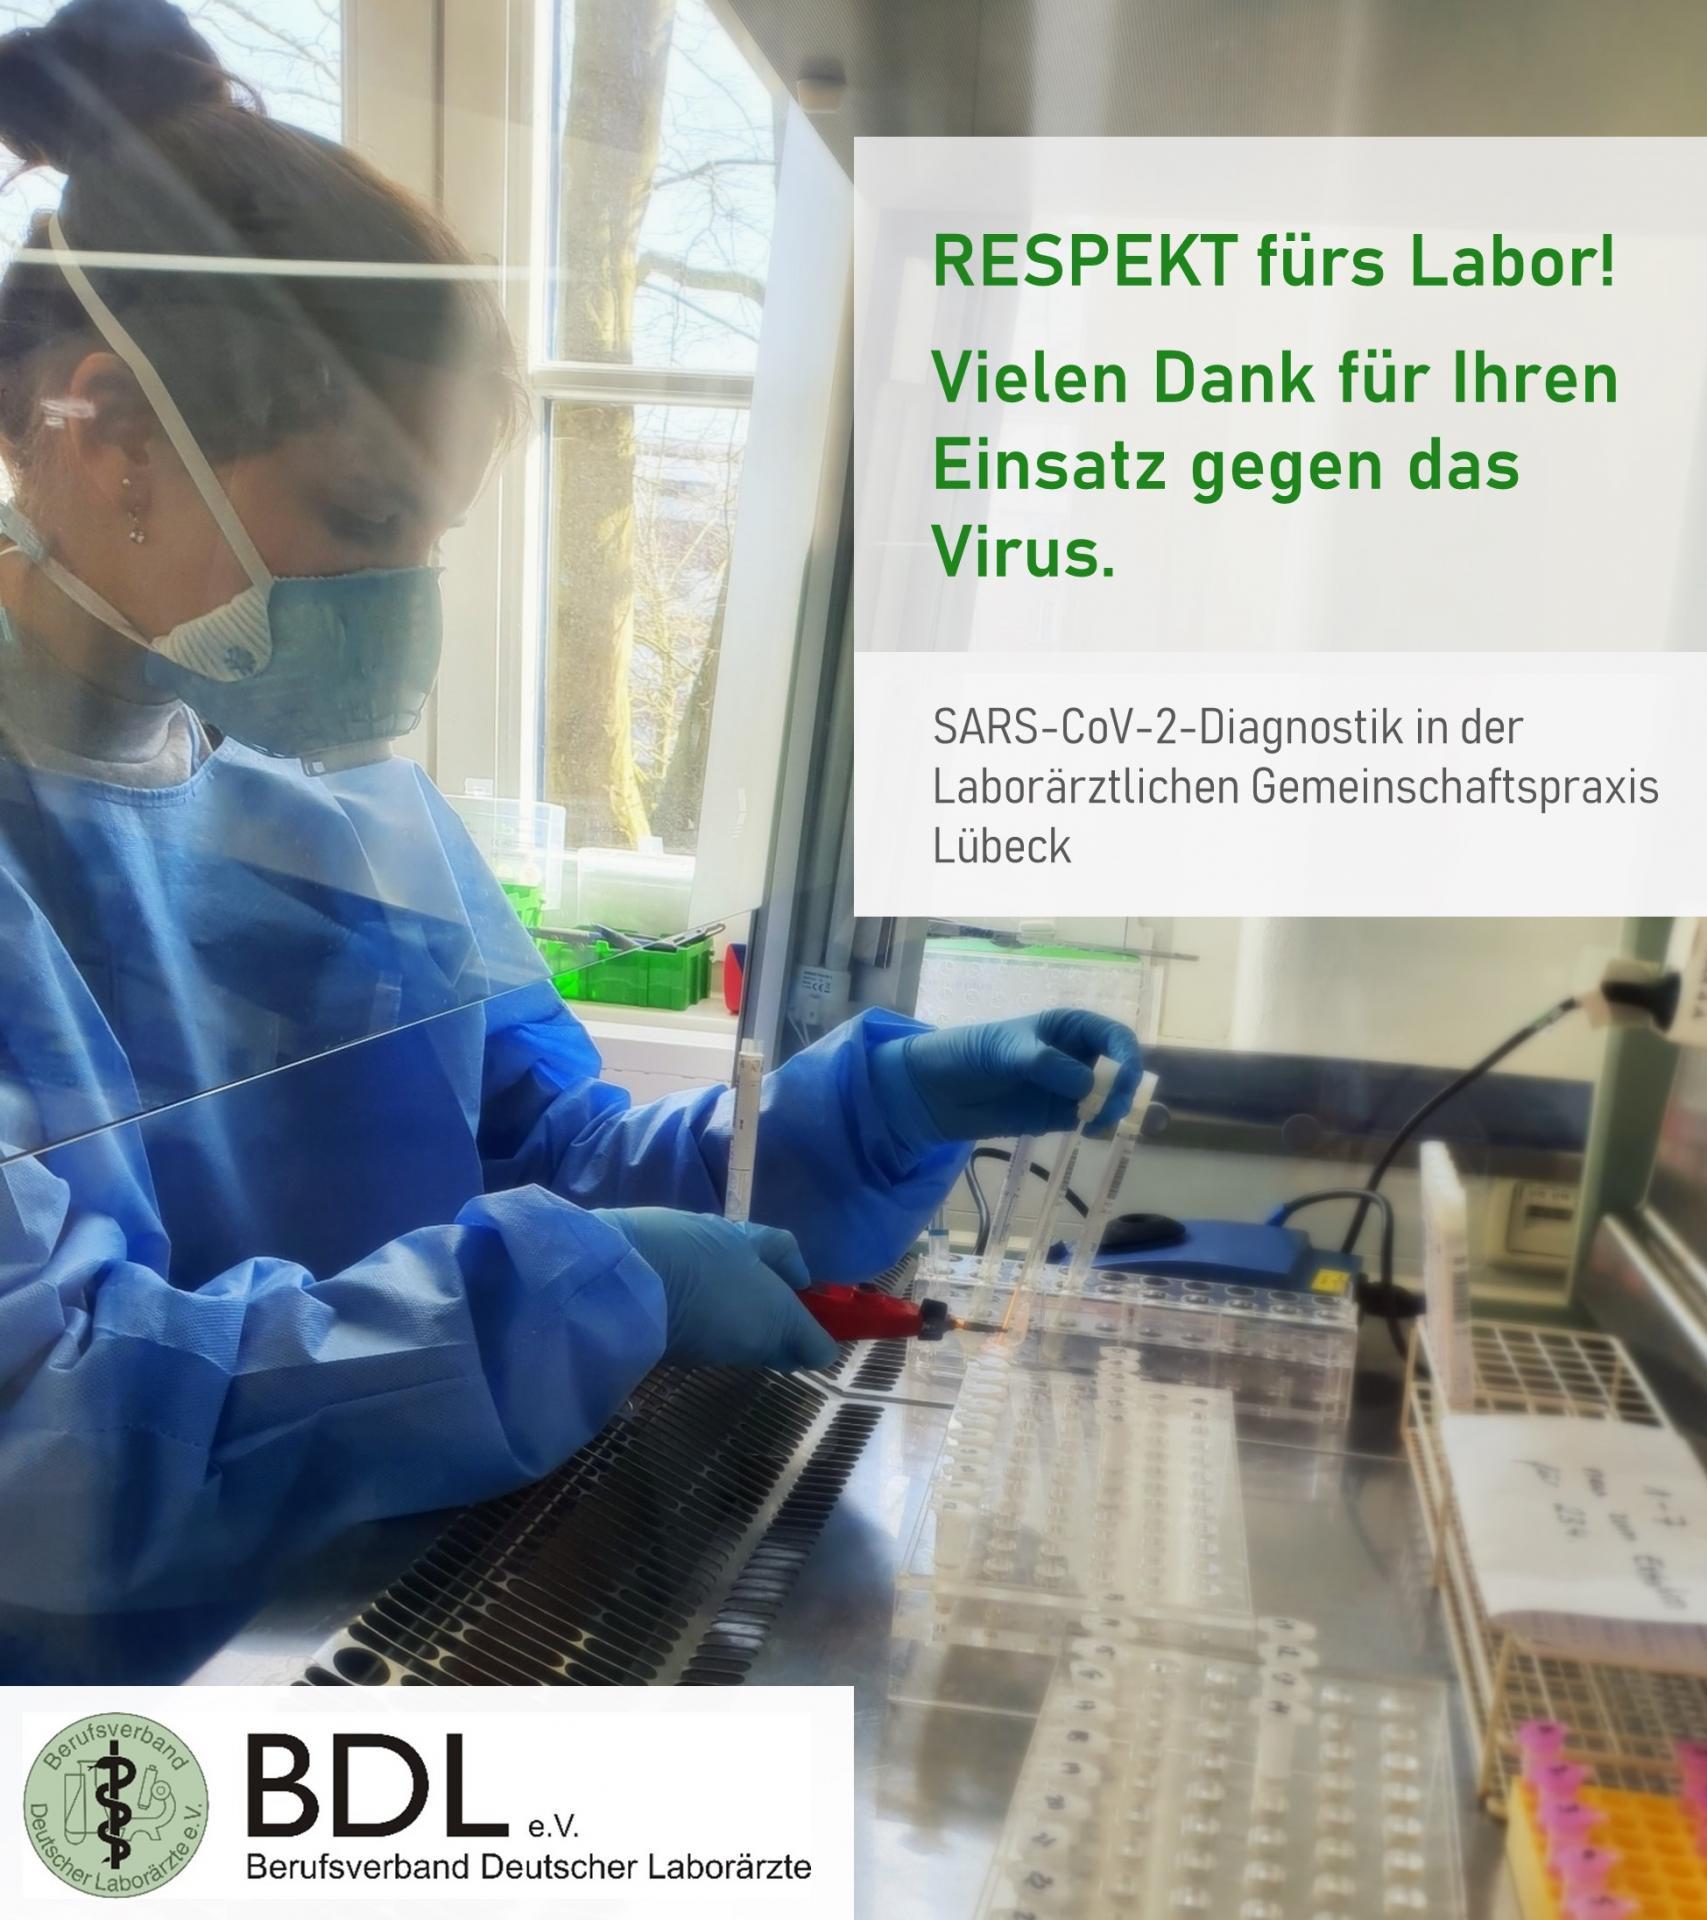 COVID-19 - Respekt fürs Labor